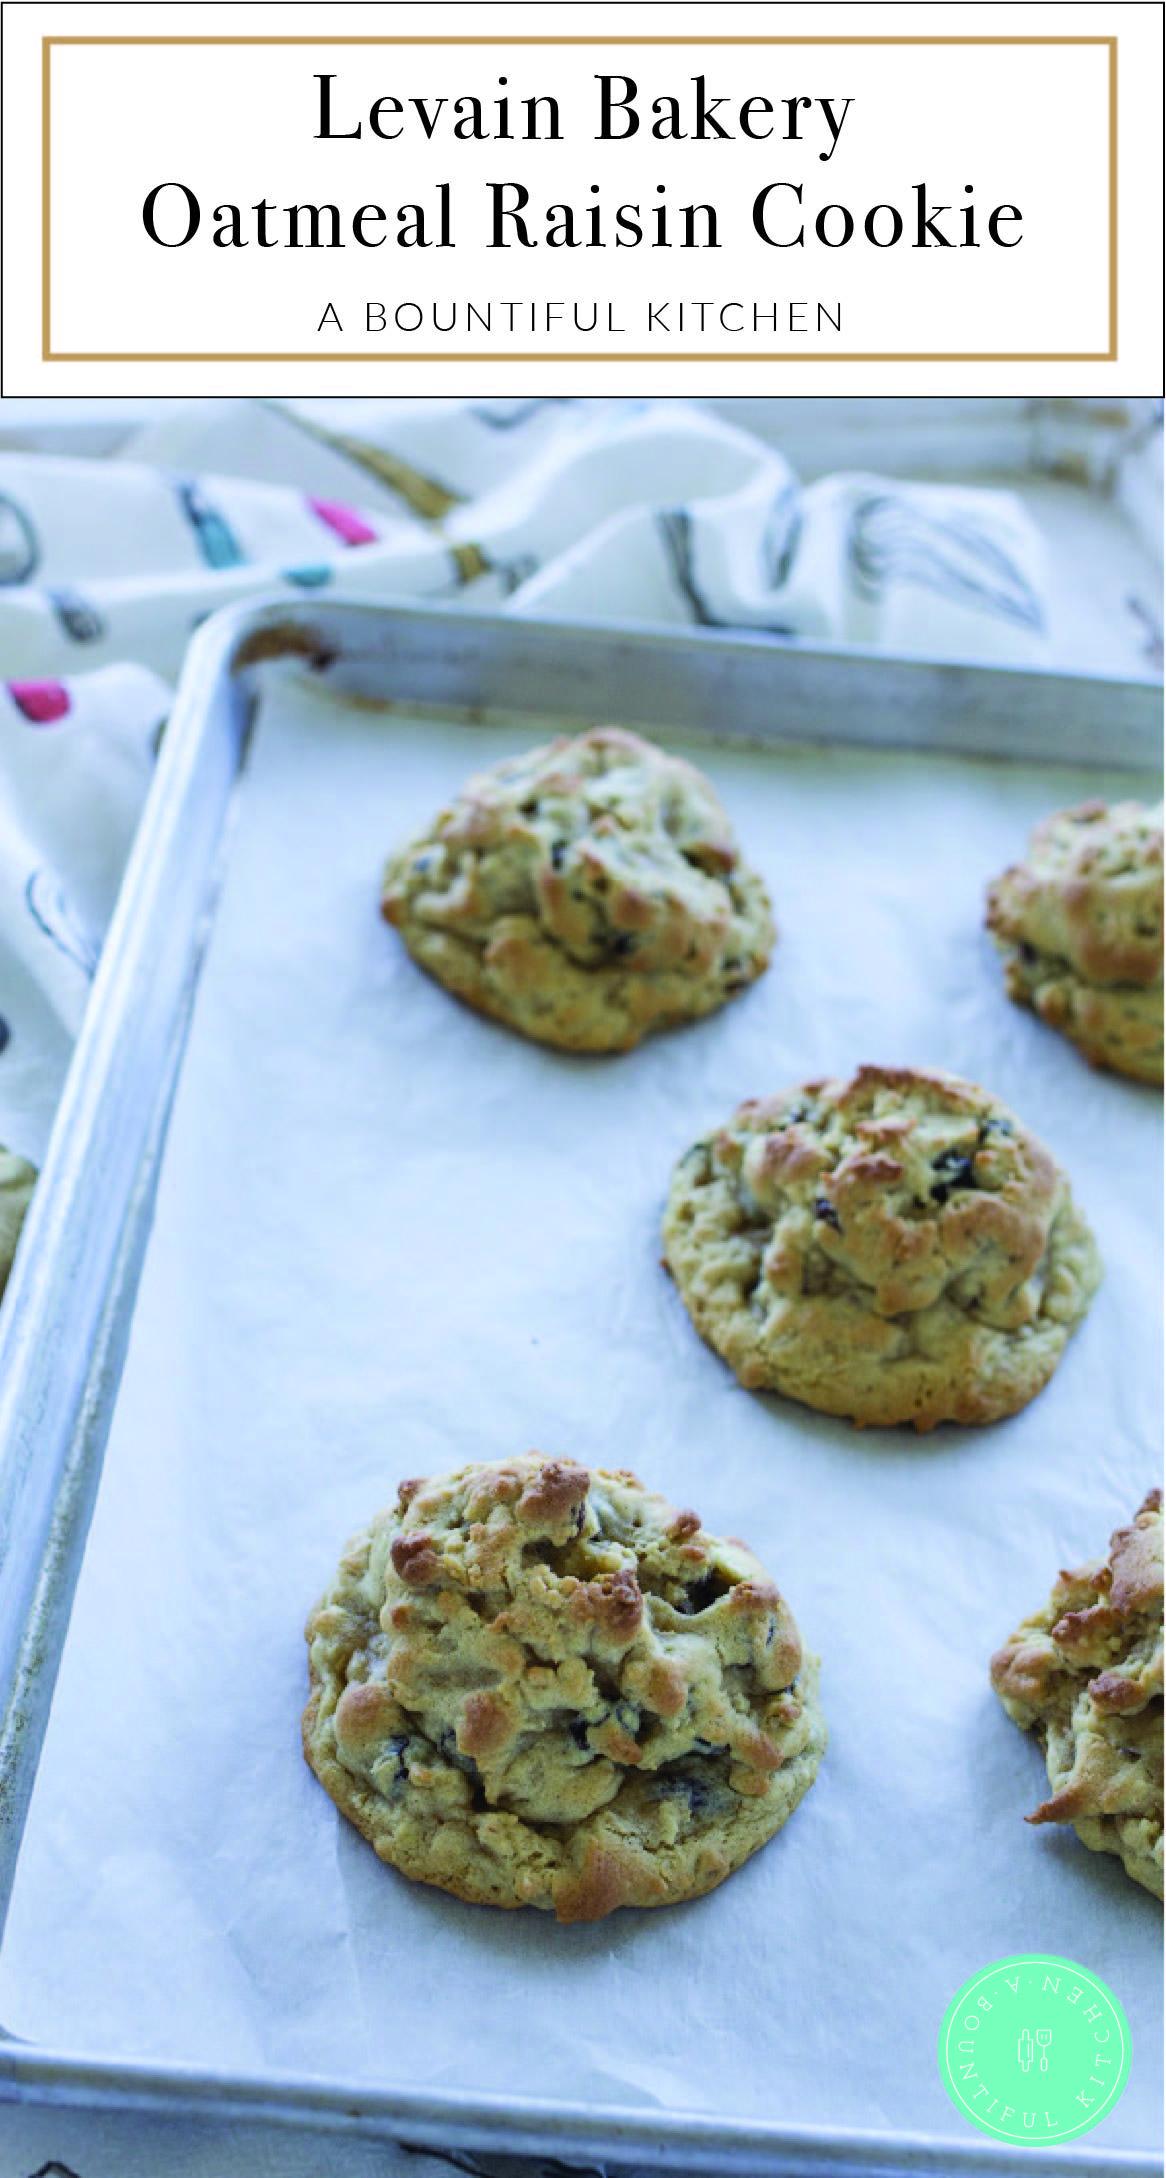 Levain Bakery Oatmeal Raisin Cookie Recipe Levain Bakery Oatmeal Raisin Cookies Cookie Bakery